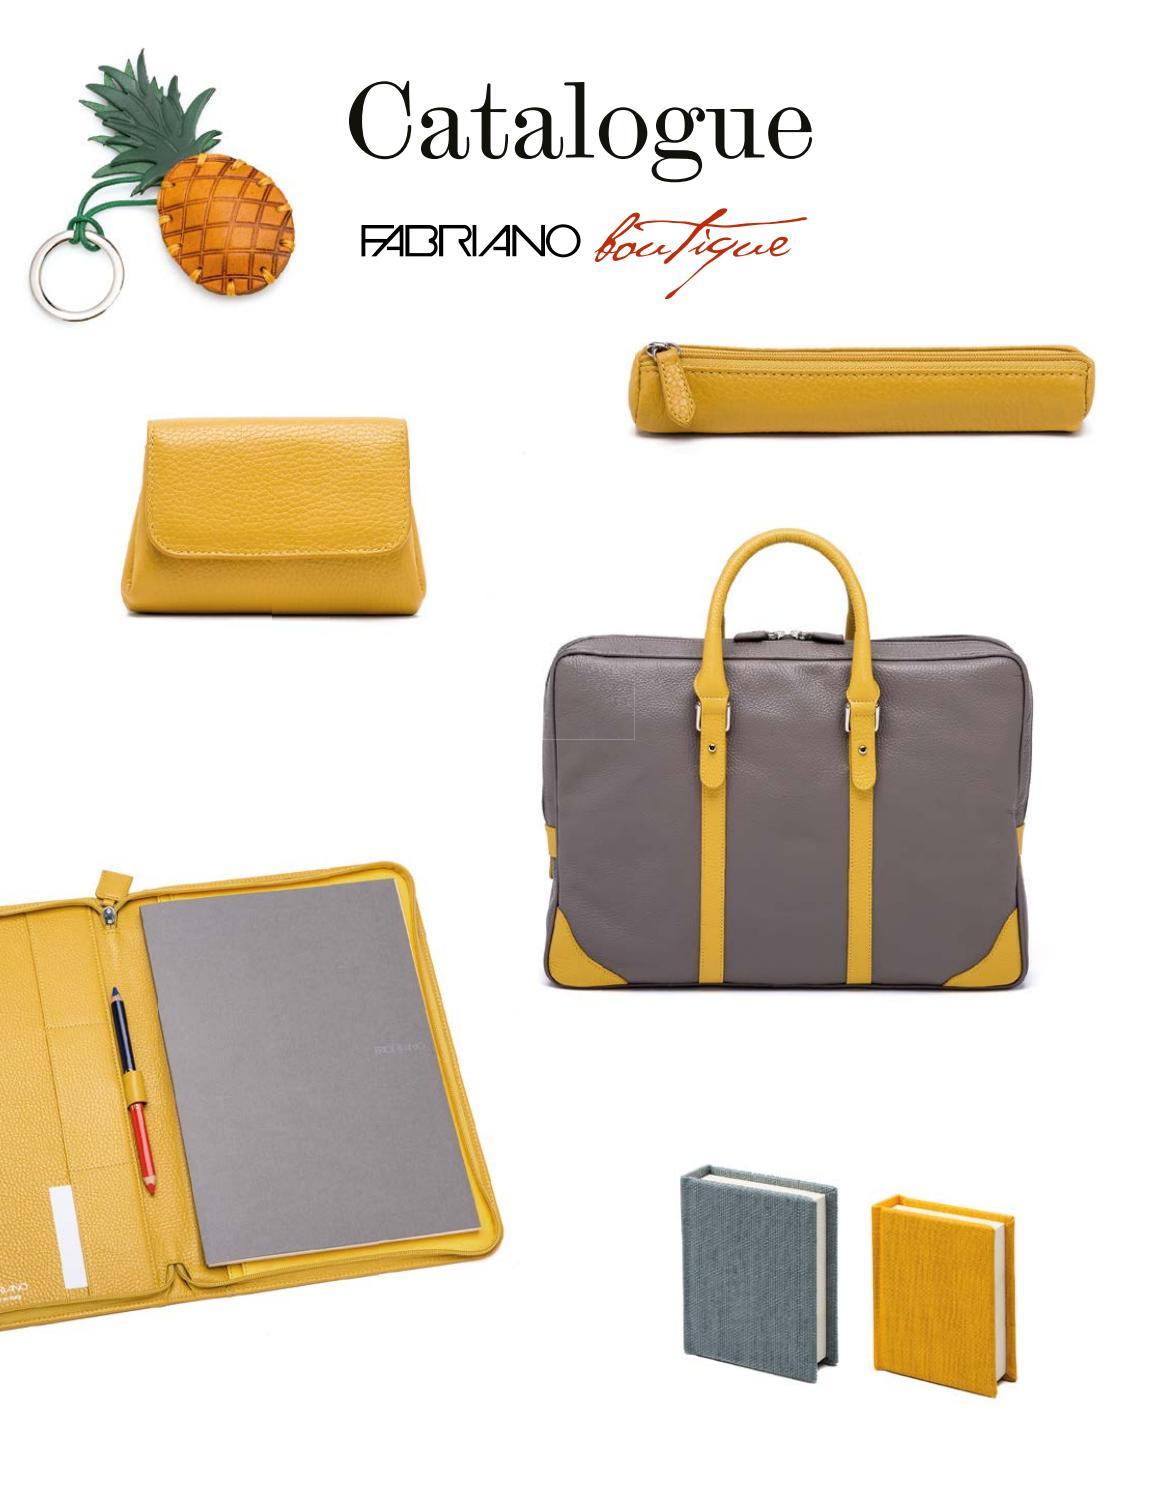 portafoglio da viaggio Holder multi Pocket file Storage Bags organizer per ufficio scuola da viaggio Grey Multi-funzionale A5/portadocumenti Business borsa organizer con maniglia